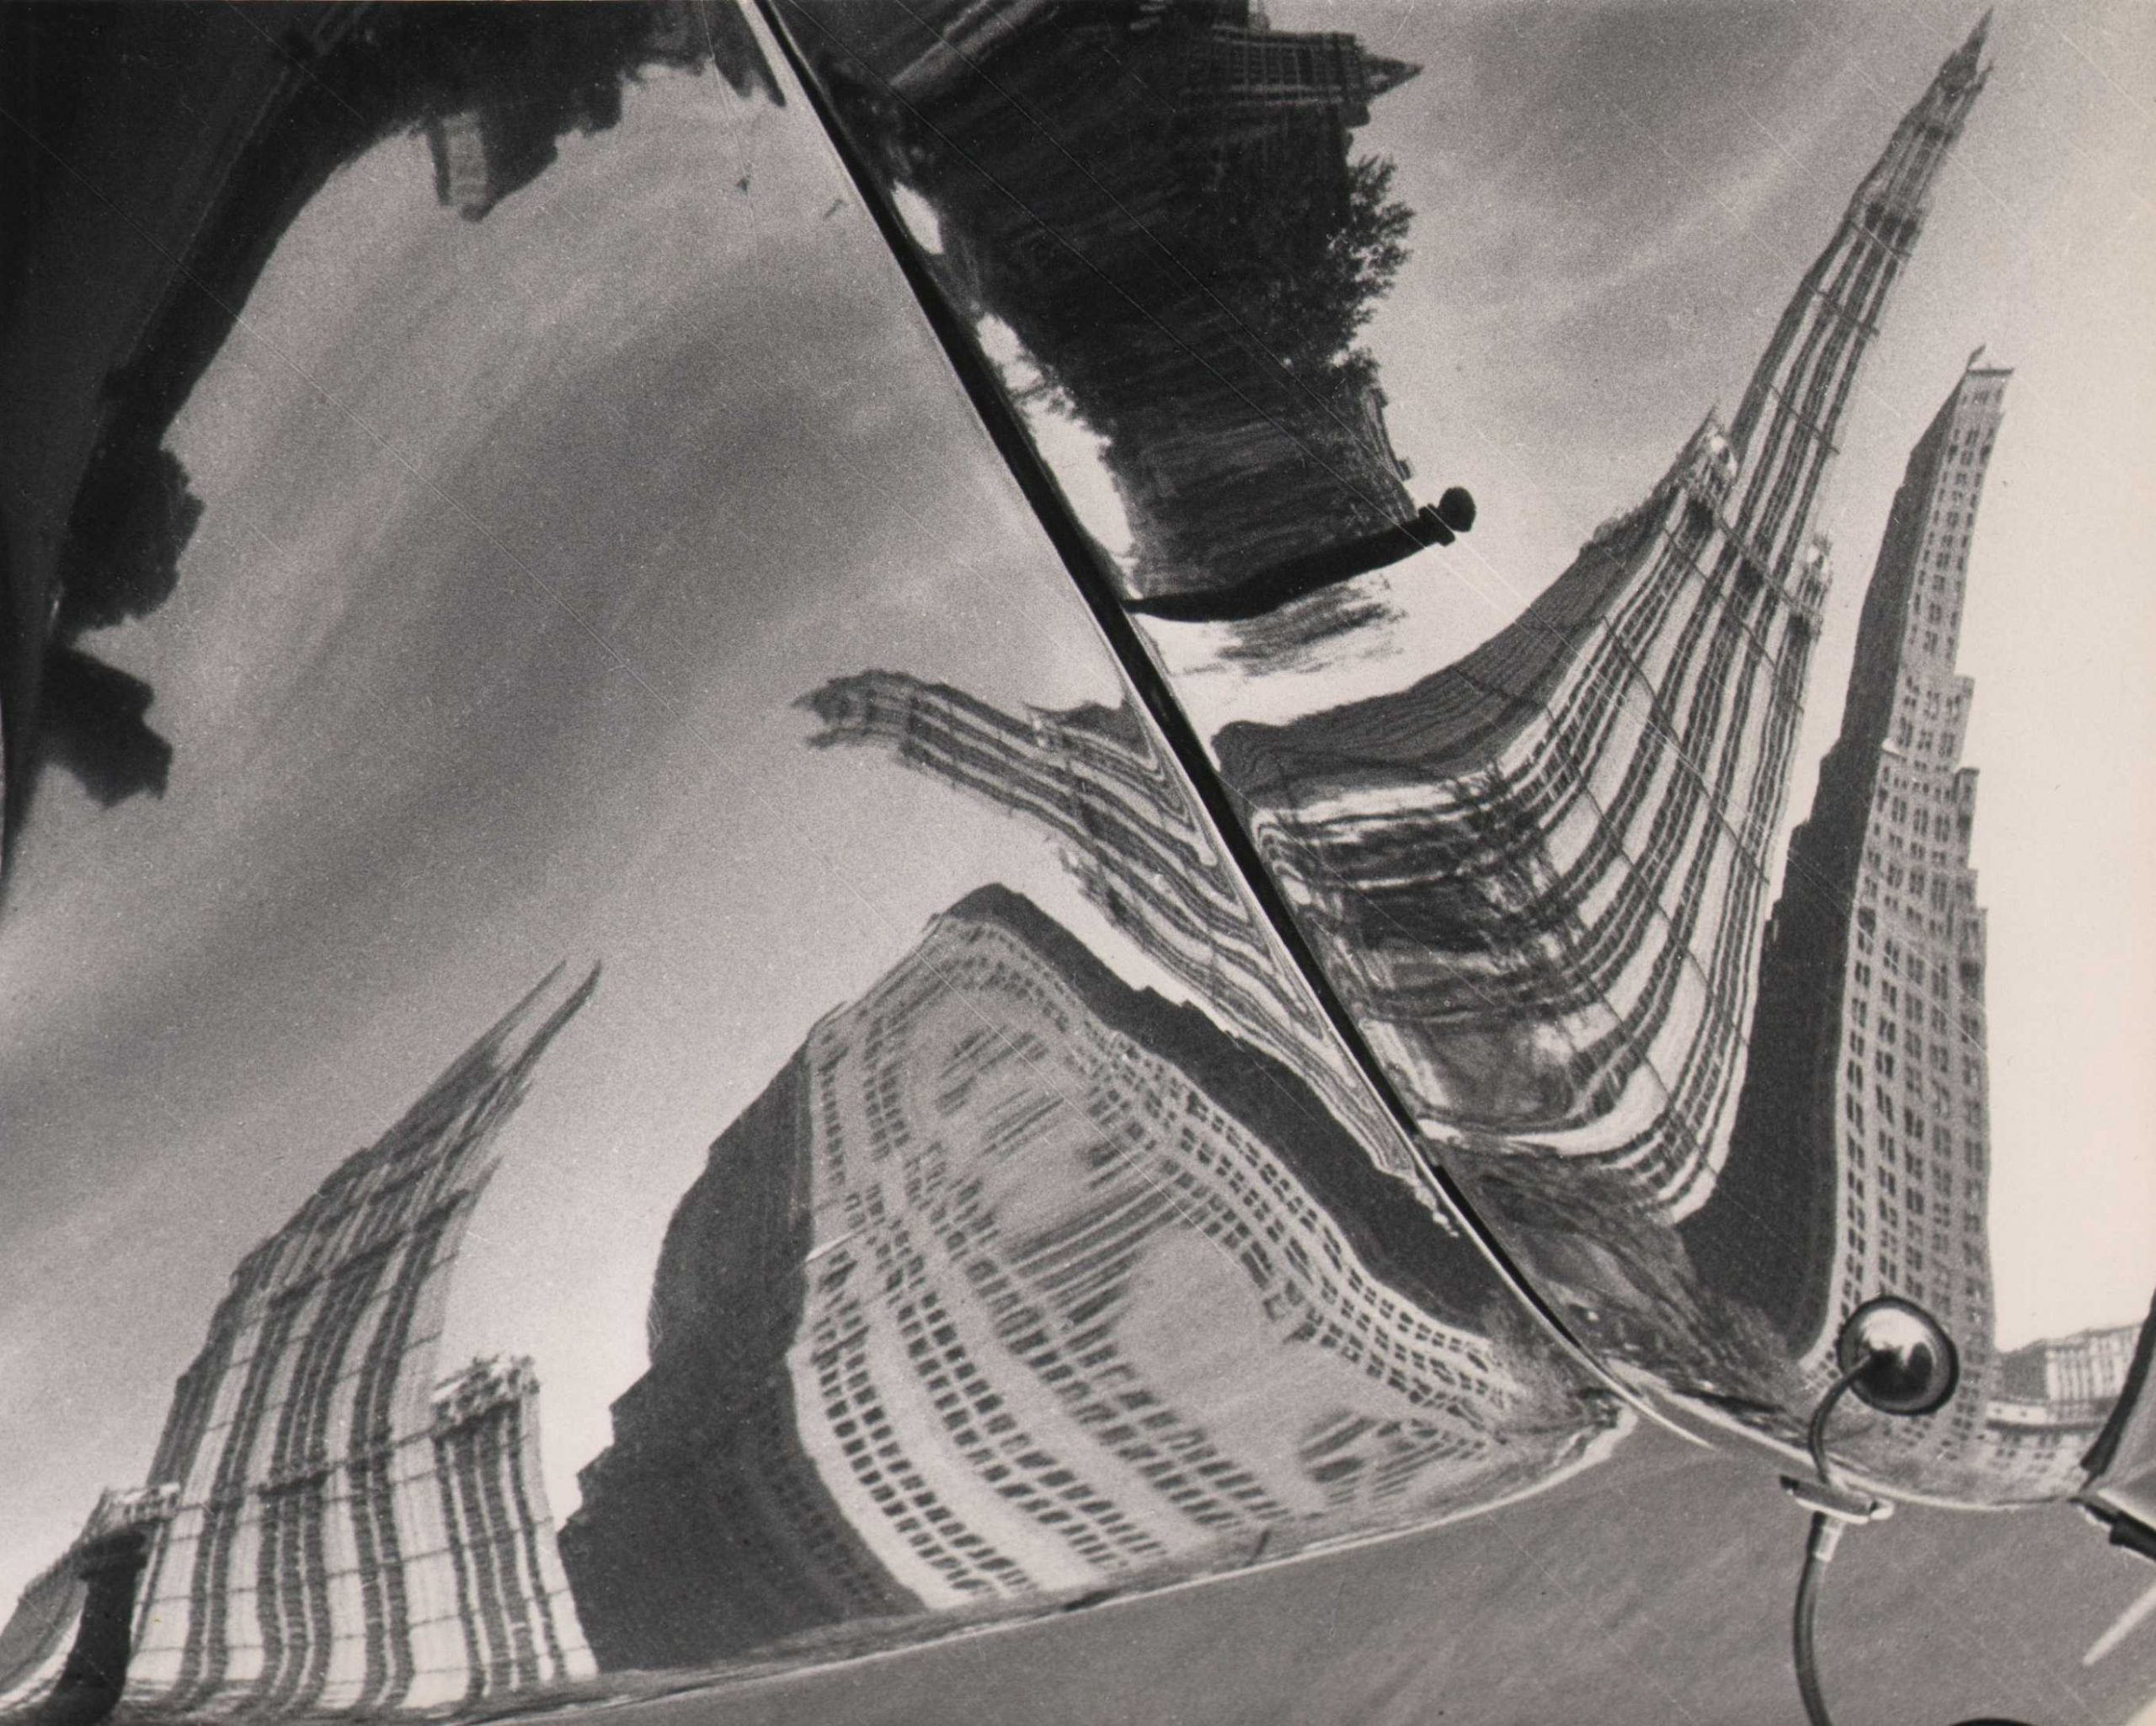 Fritz Neugass, Untitled, c. 1948